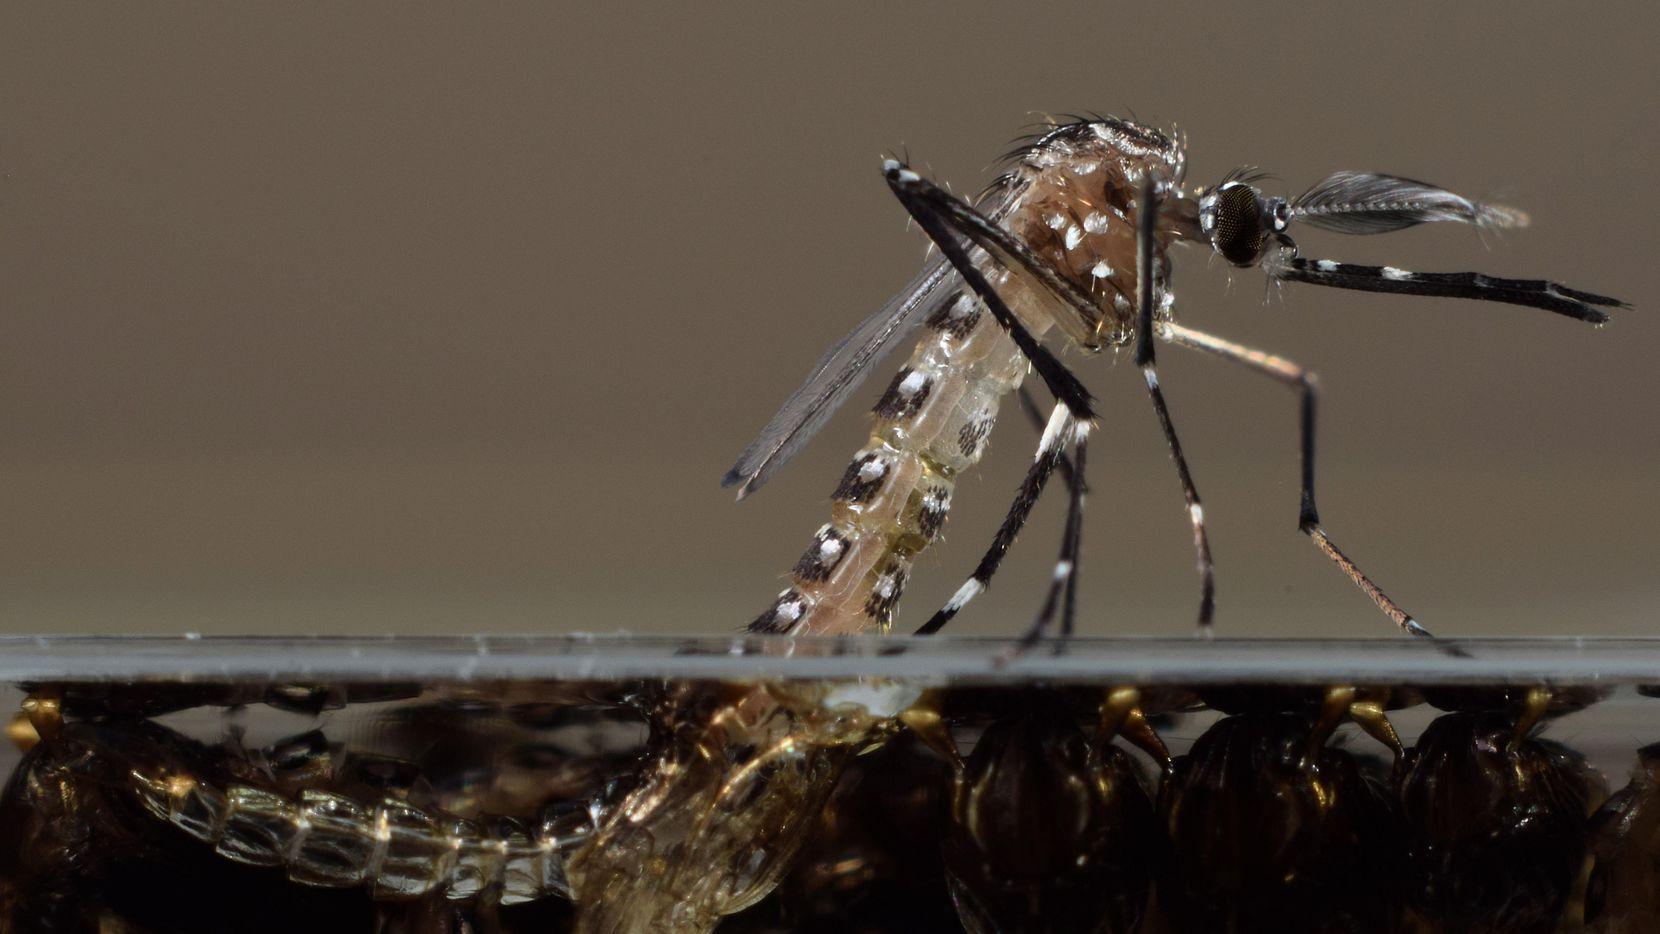 Los mosquitos modificados de Oxitec serán lanzados en el sur de la Florida este año. El objetivo es extinguir al Aedes aegypti, responsable del zika, virus del nilo y otros males.